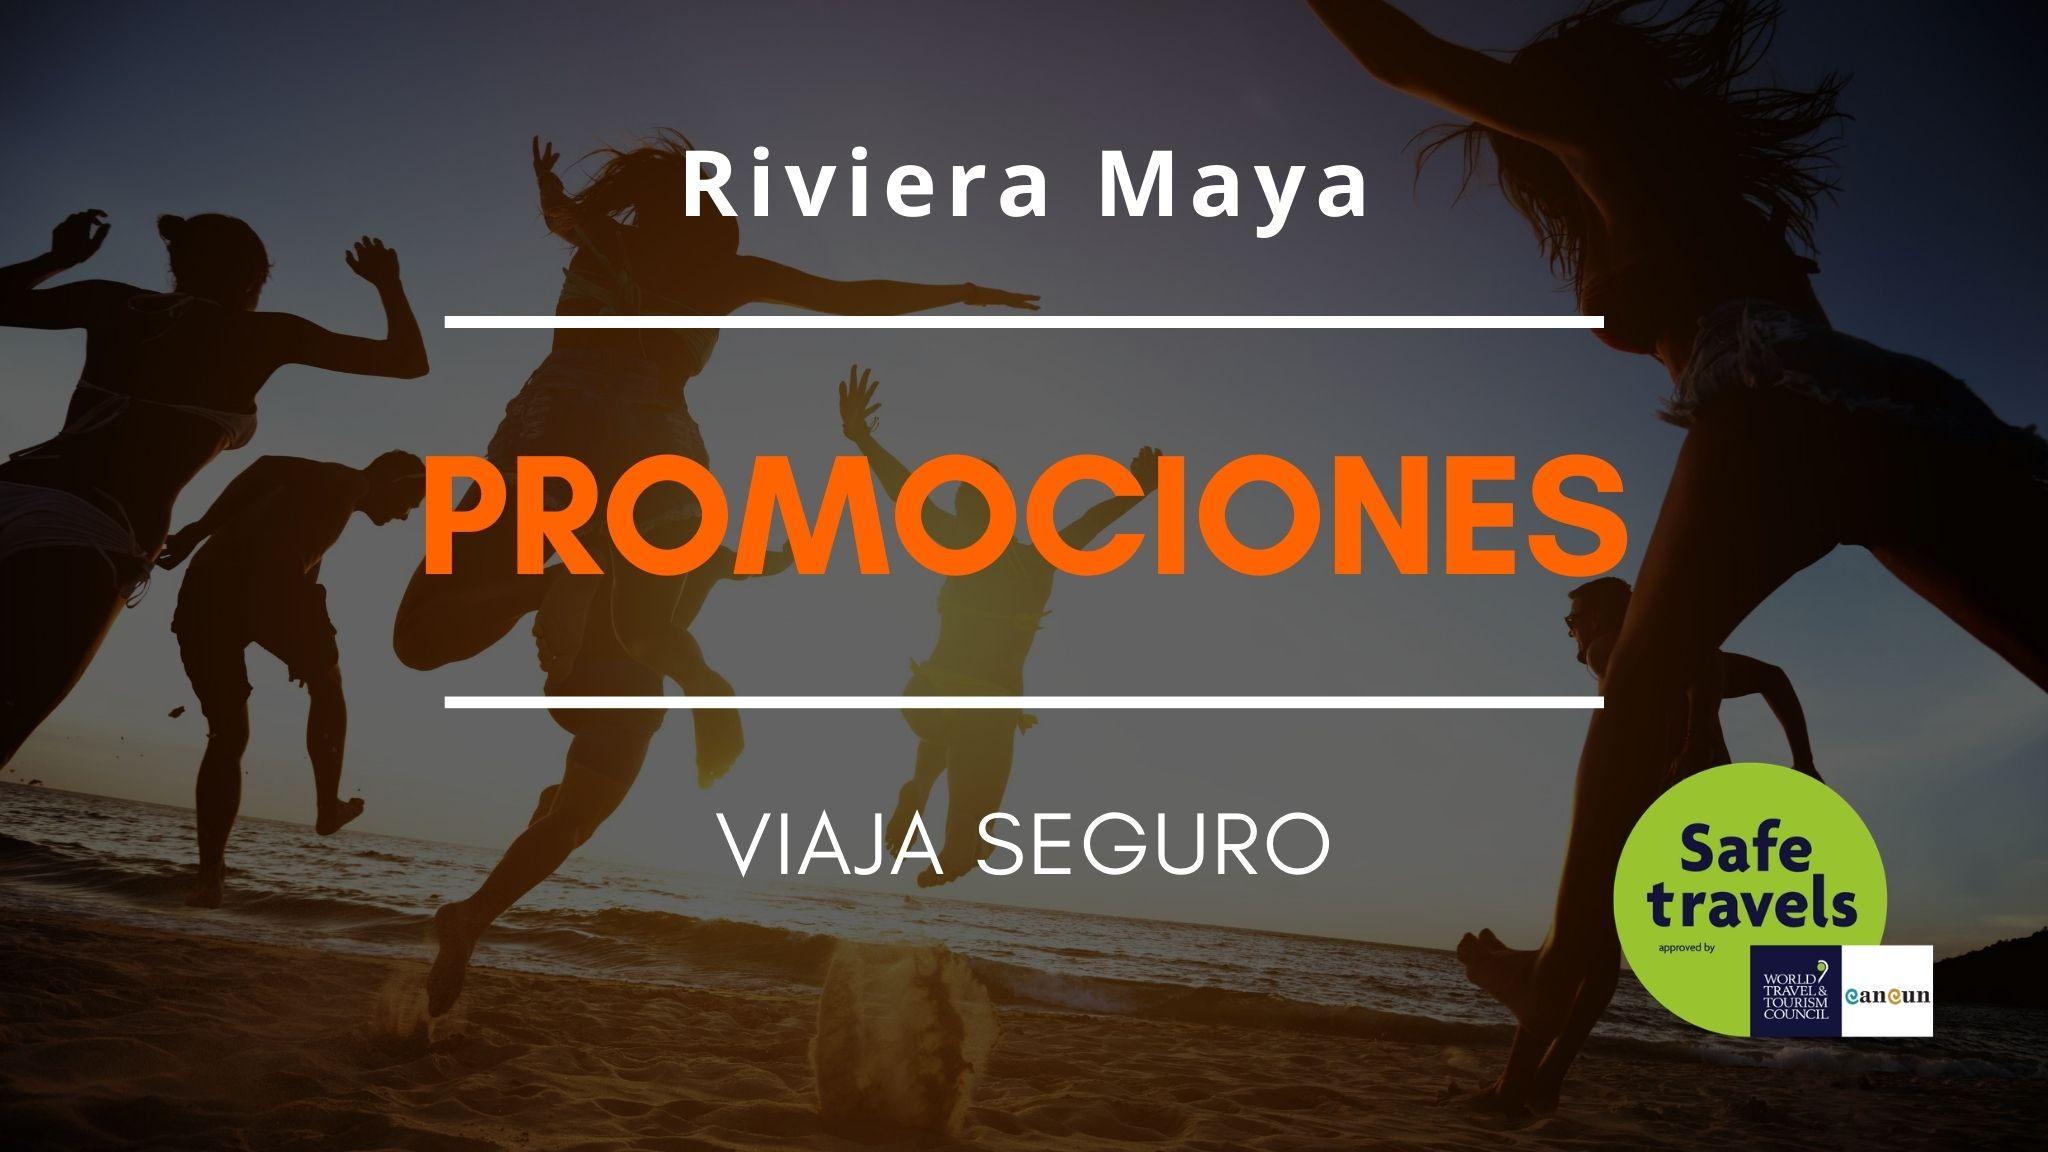 promociones Riviera Maya